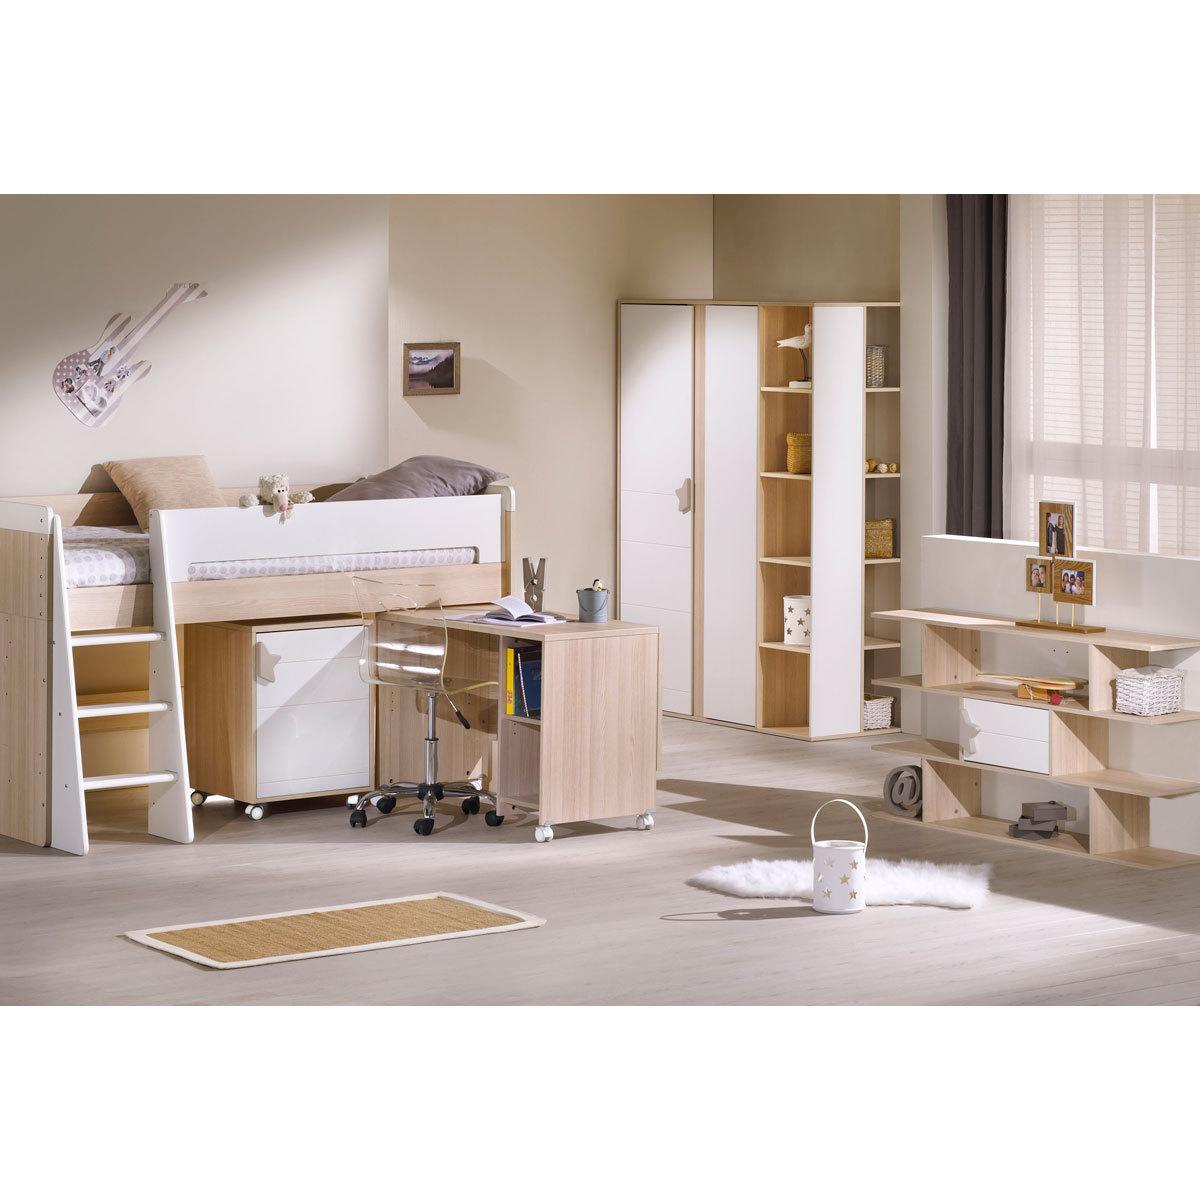 sauthon lit combin evolutif norway lit b b sauthon sur. Black Bedroom Furniture Sets. Home Design Ideas